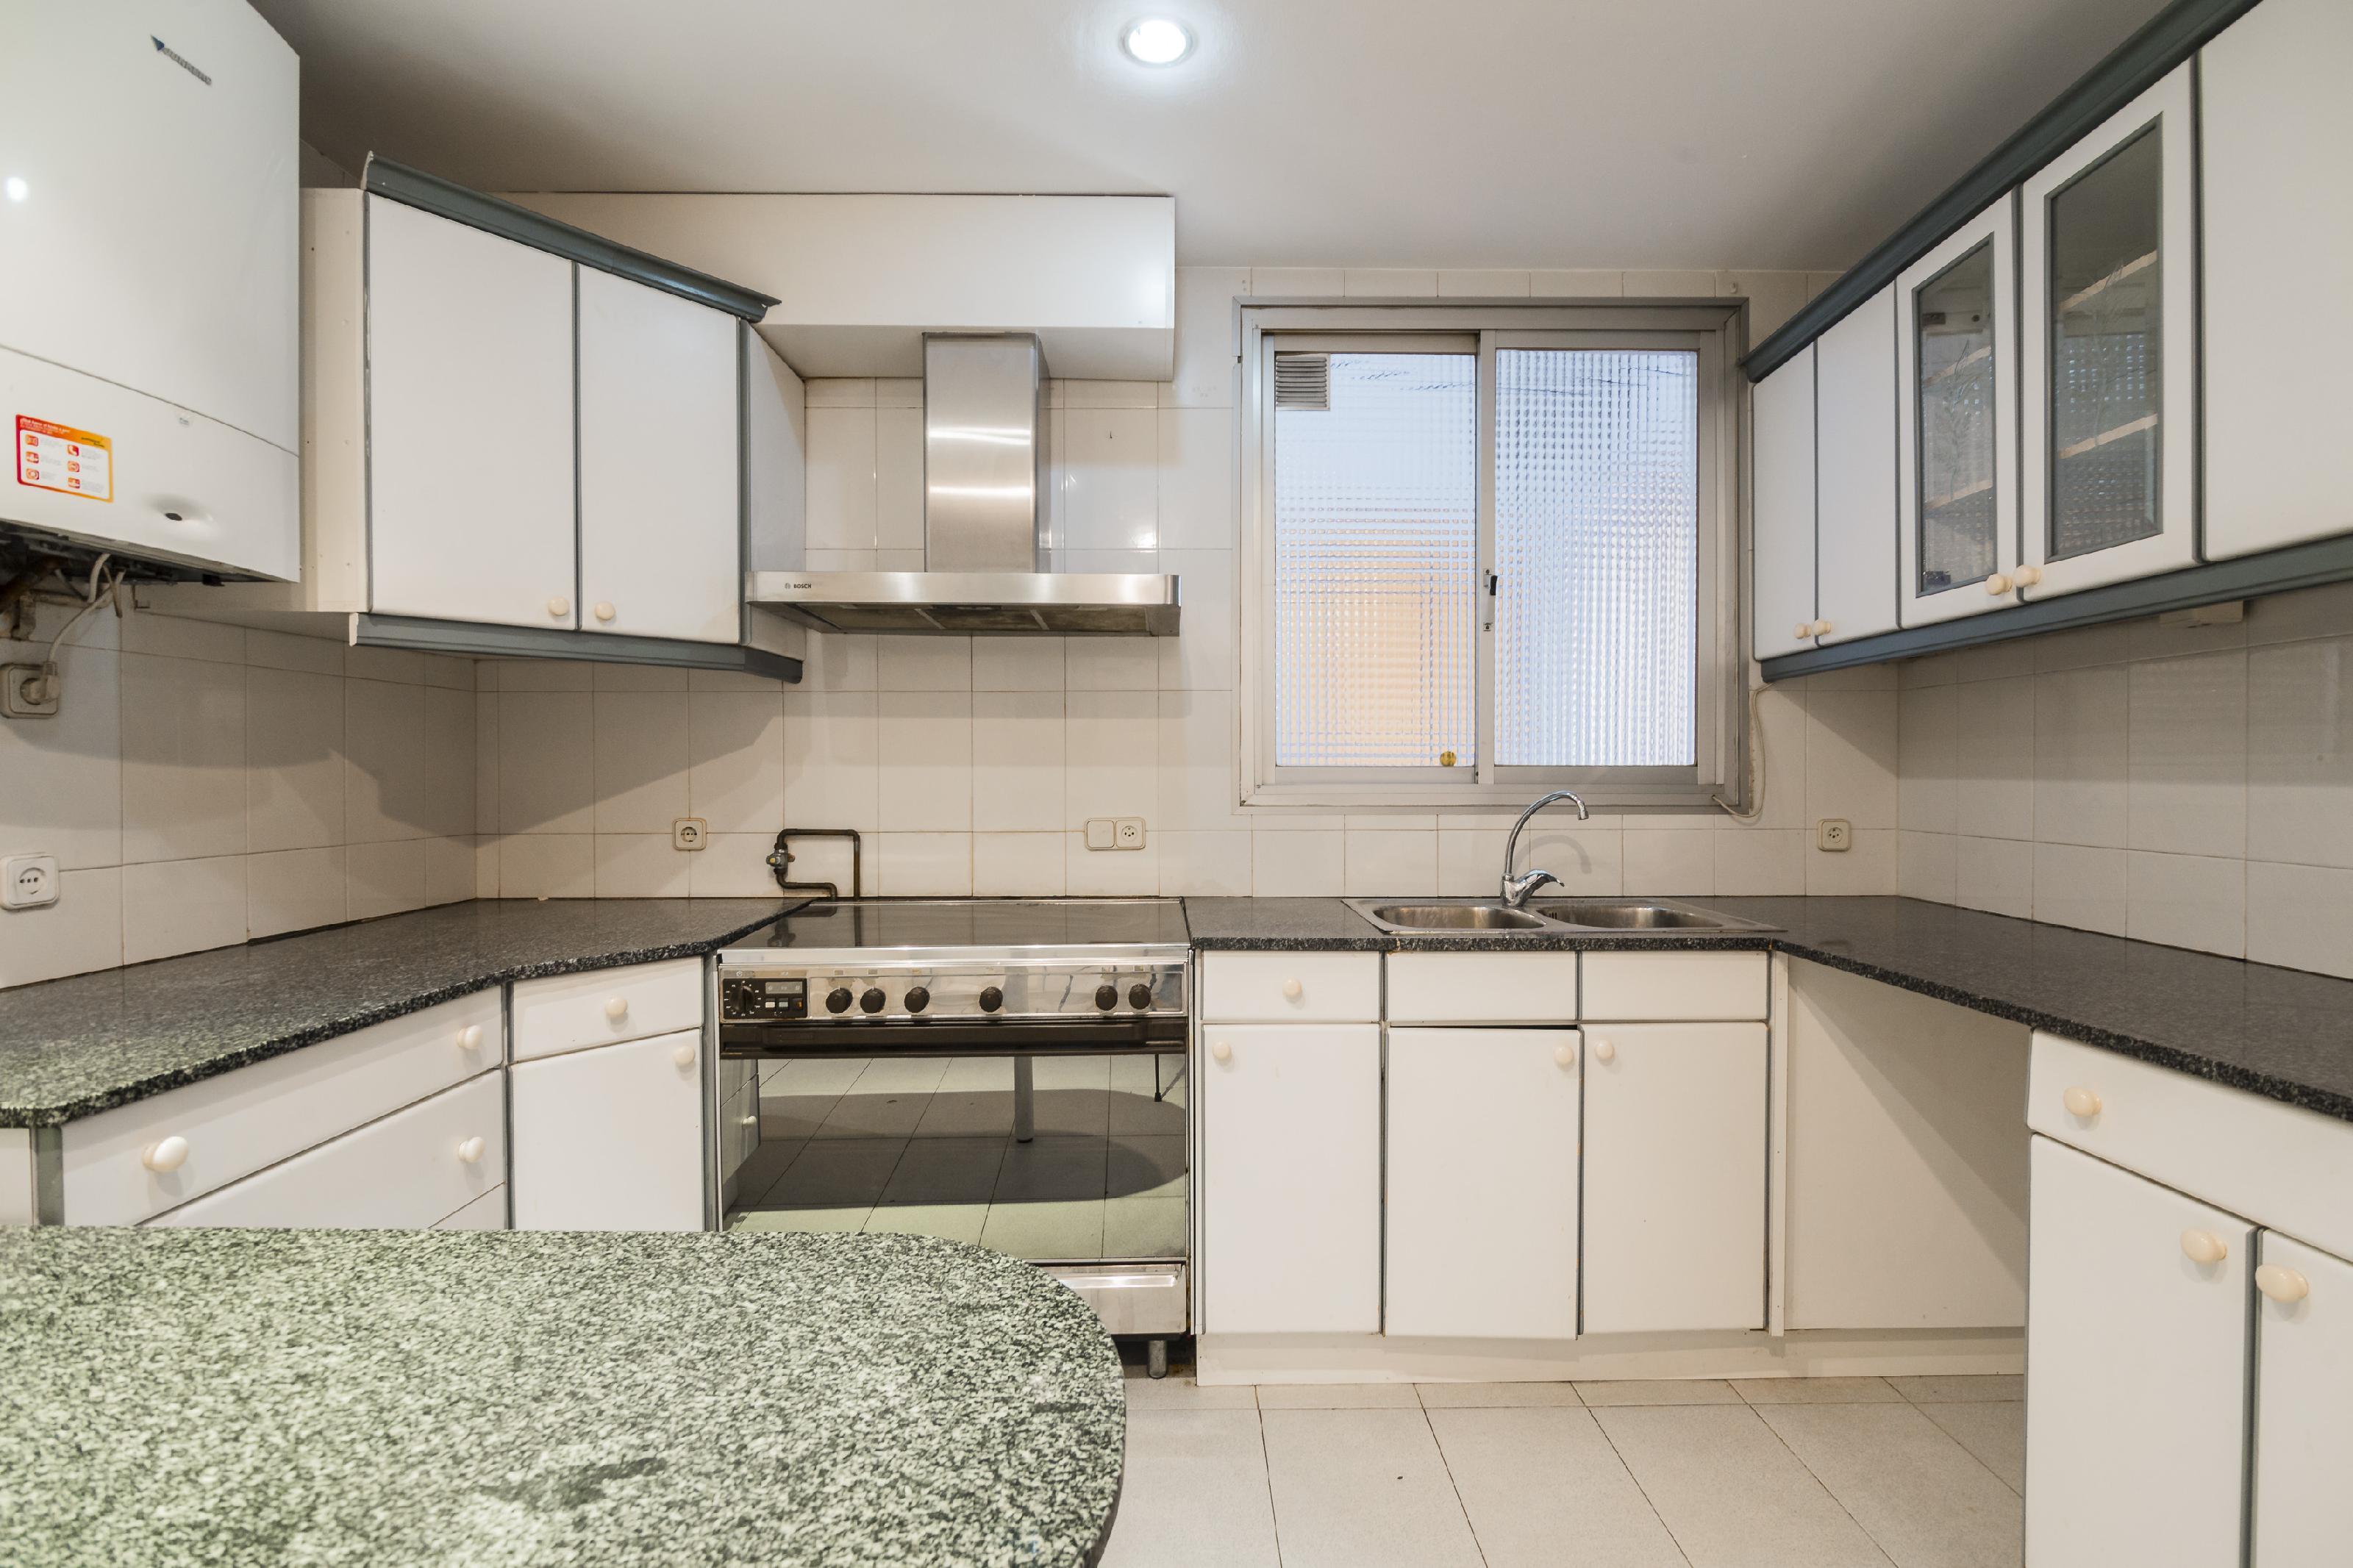 246347 Flat for sale in Sarrià-Sant Gervasi, St. Gervasi-Bonanova 14